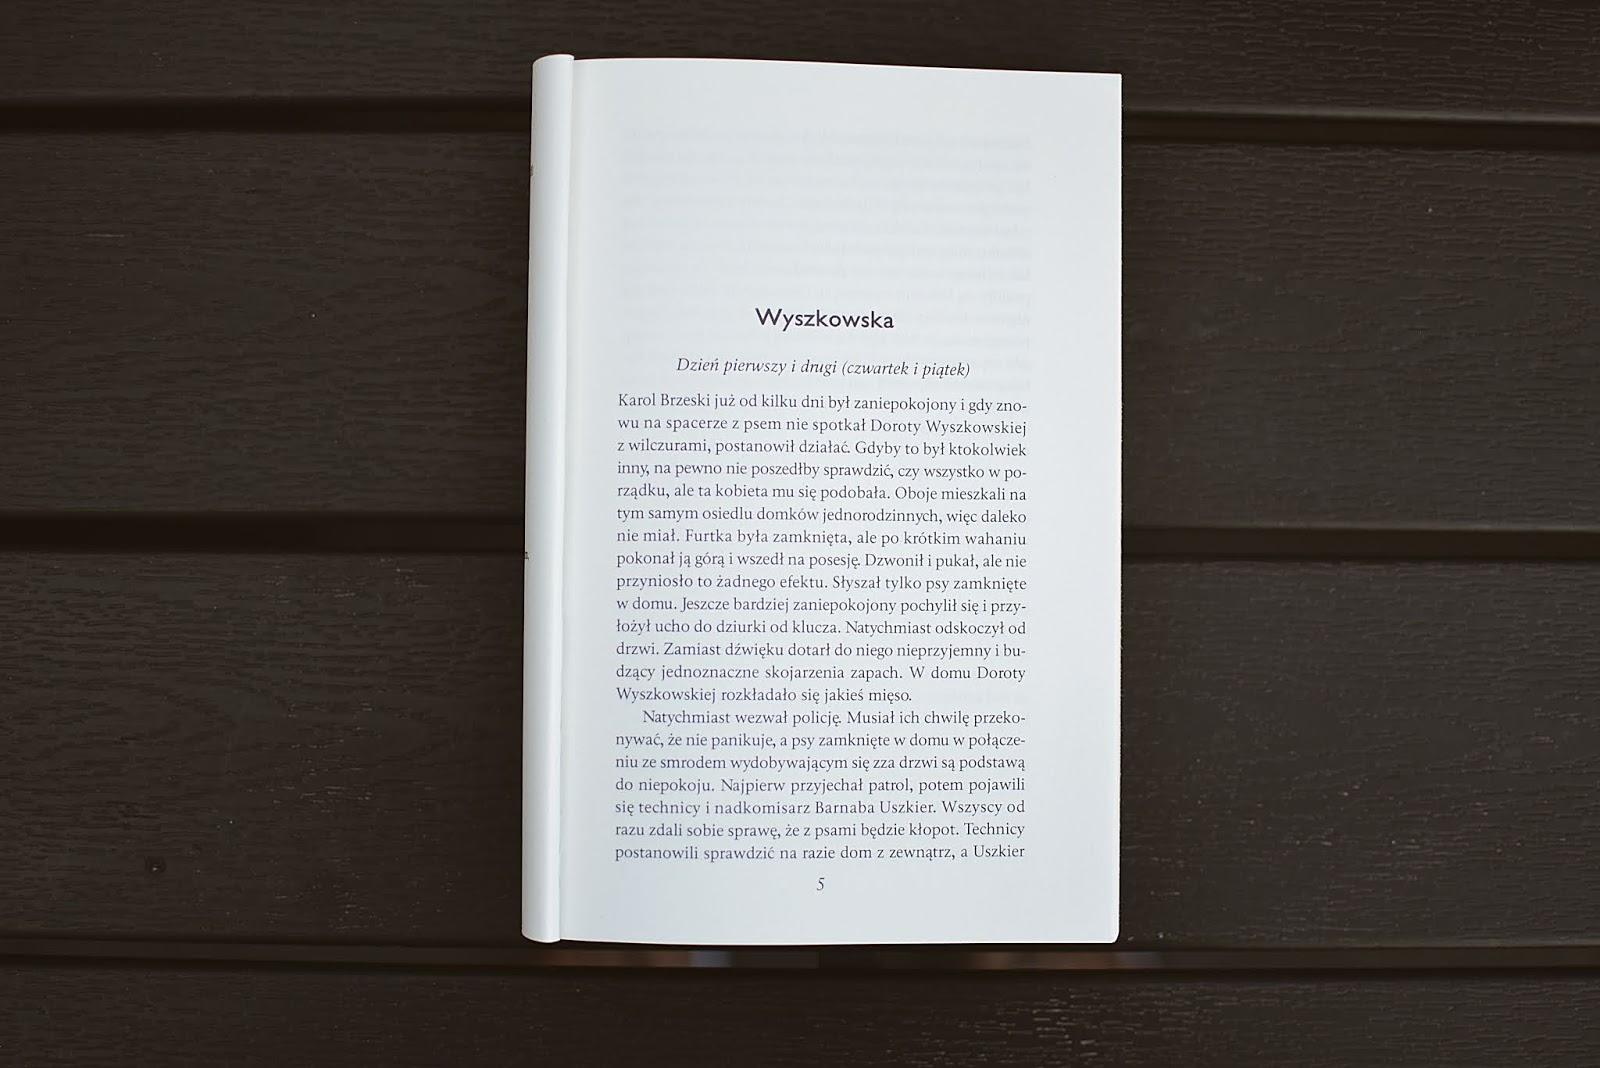 Łowca, BarnabaUszkier, seria, AgnieszkaPruska, WydawnictwoOficynka, kryminał, opowiadanie, recenzja,